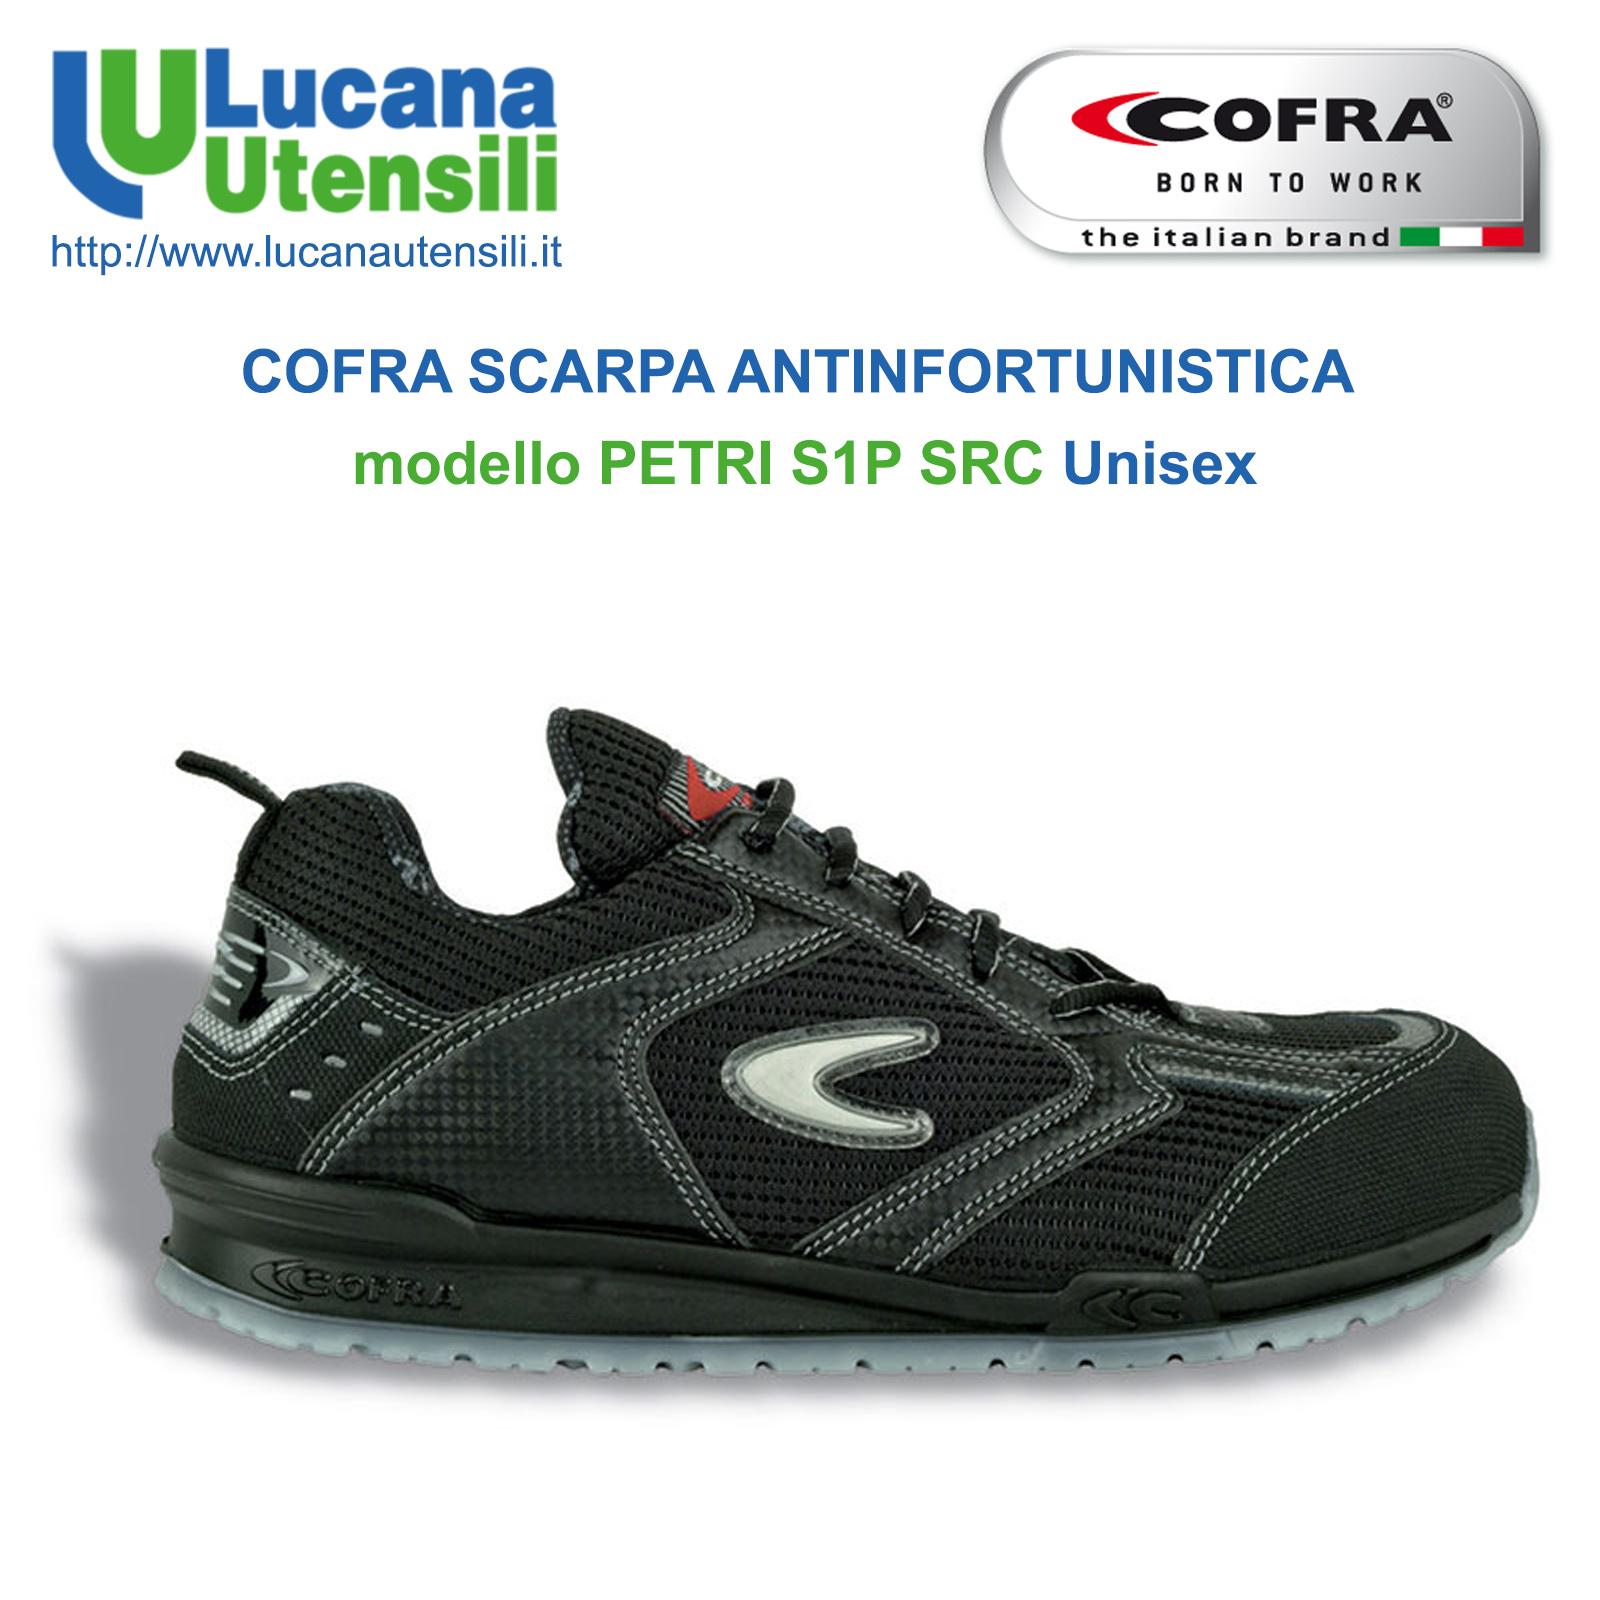 nuovi speciali gamma molto ambita di scarpe temperamento COFRA SCARPA ANTINFORTUNISTICA modello PETRI S1P SRC - Running - Unisex -  Lavoro